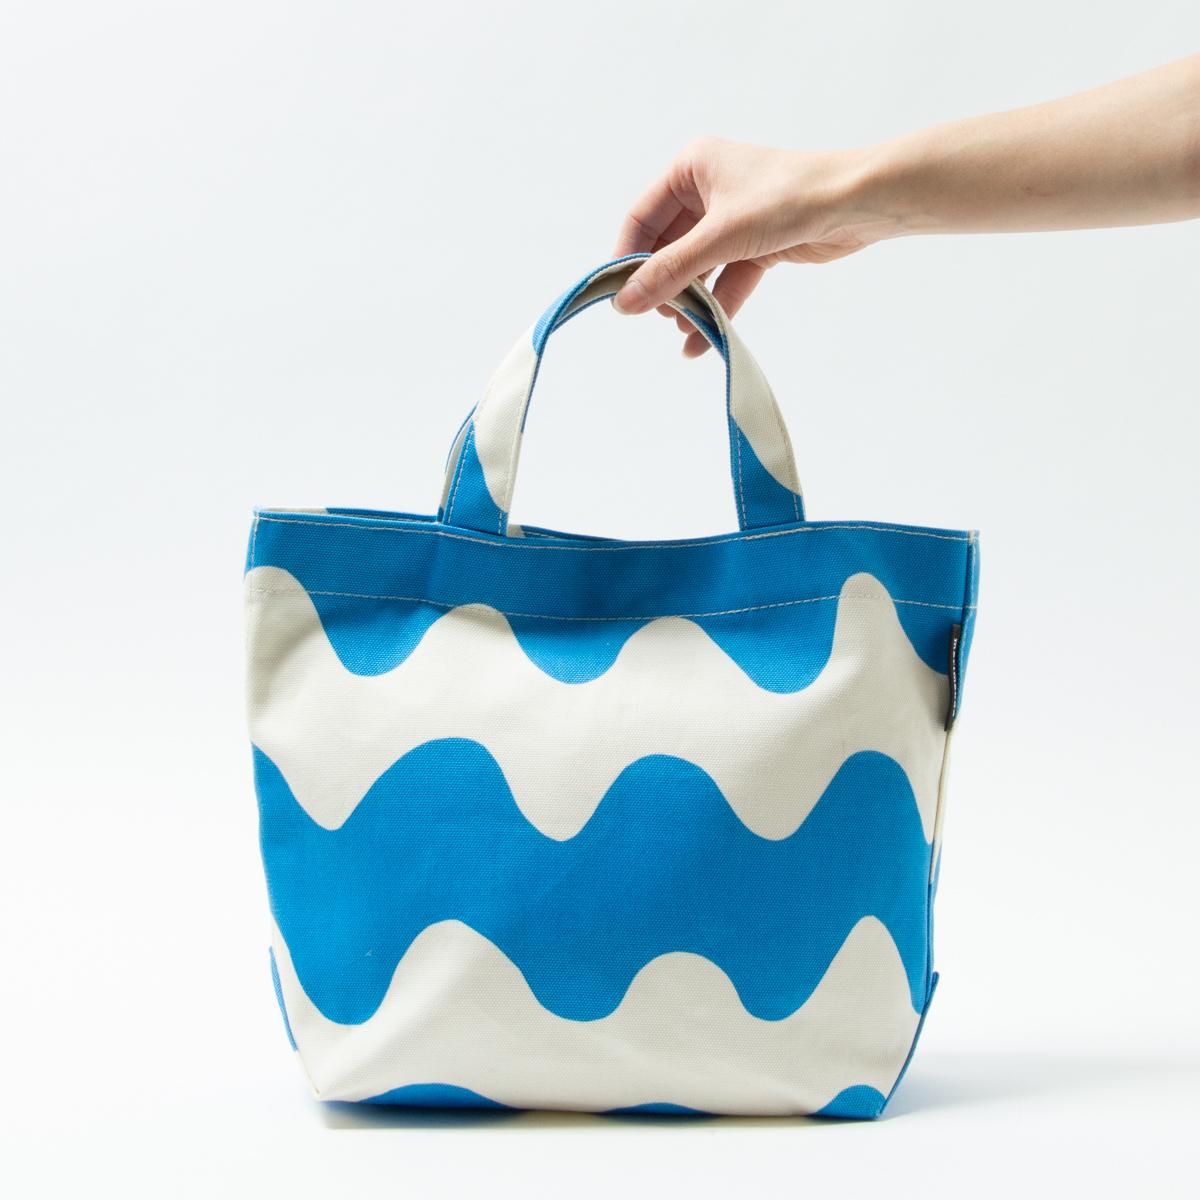 【1円スタート】美品 marimekko ハンドバッグ トート Mサイズ 手持ち鞄 マチあり キャンバス マリメッコ 帆布 ホワイト ブルー